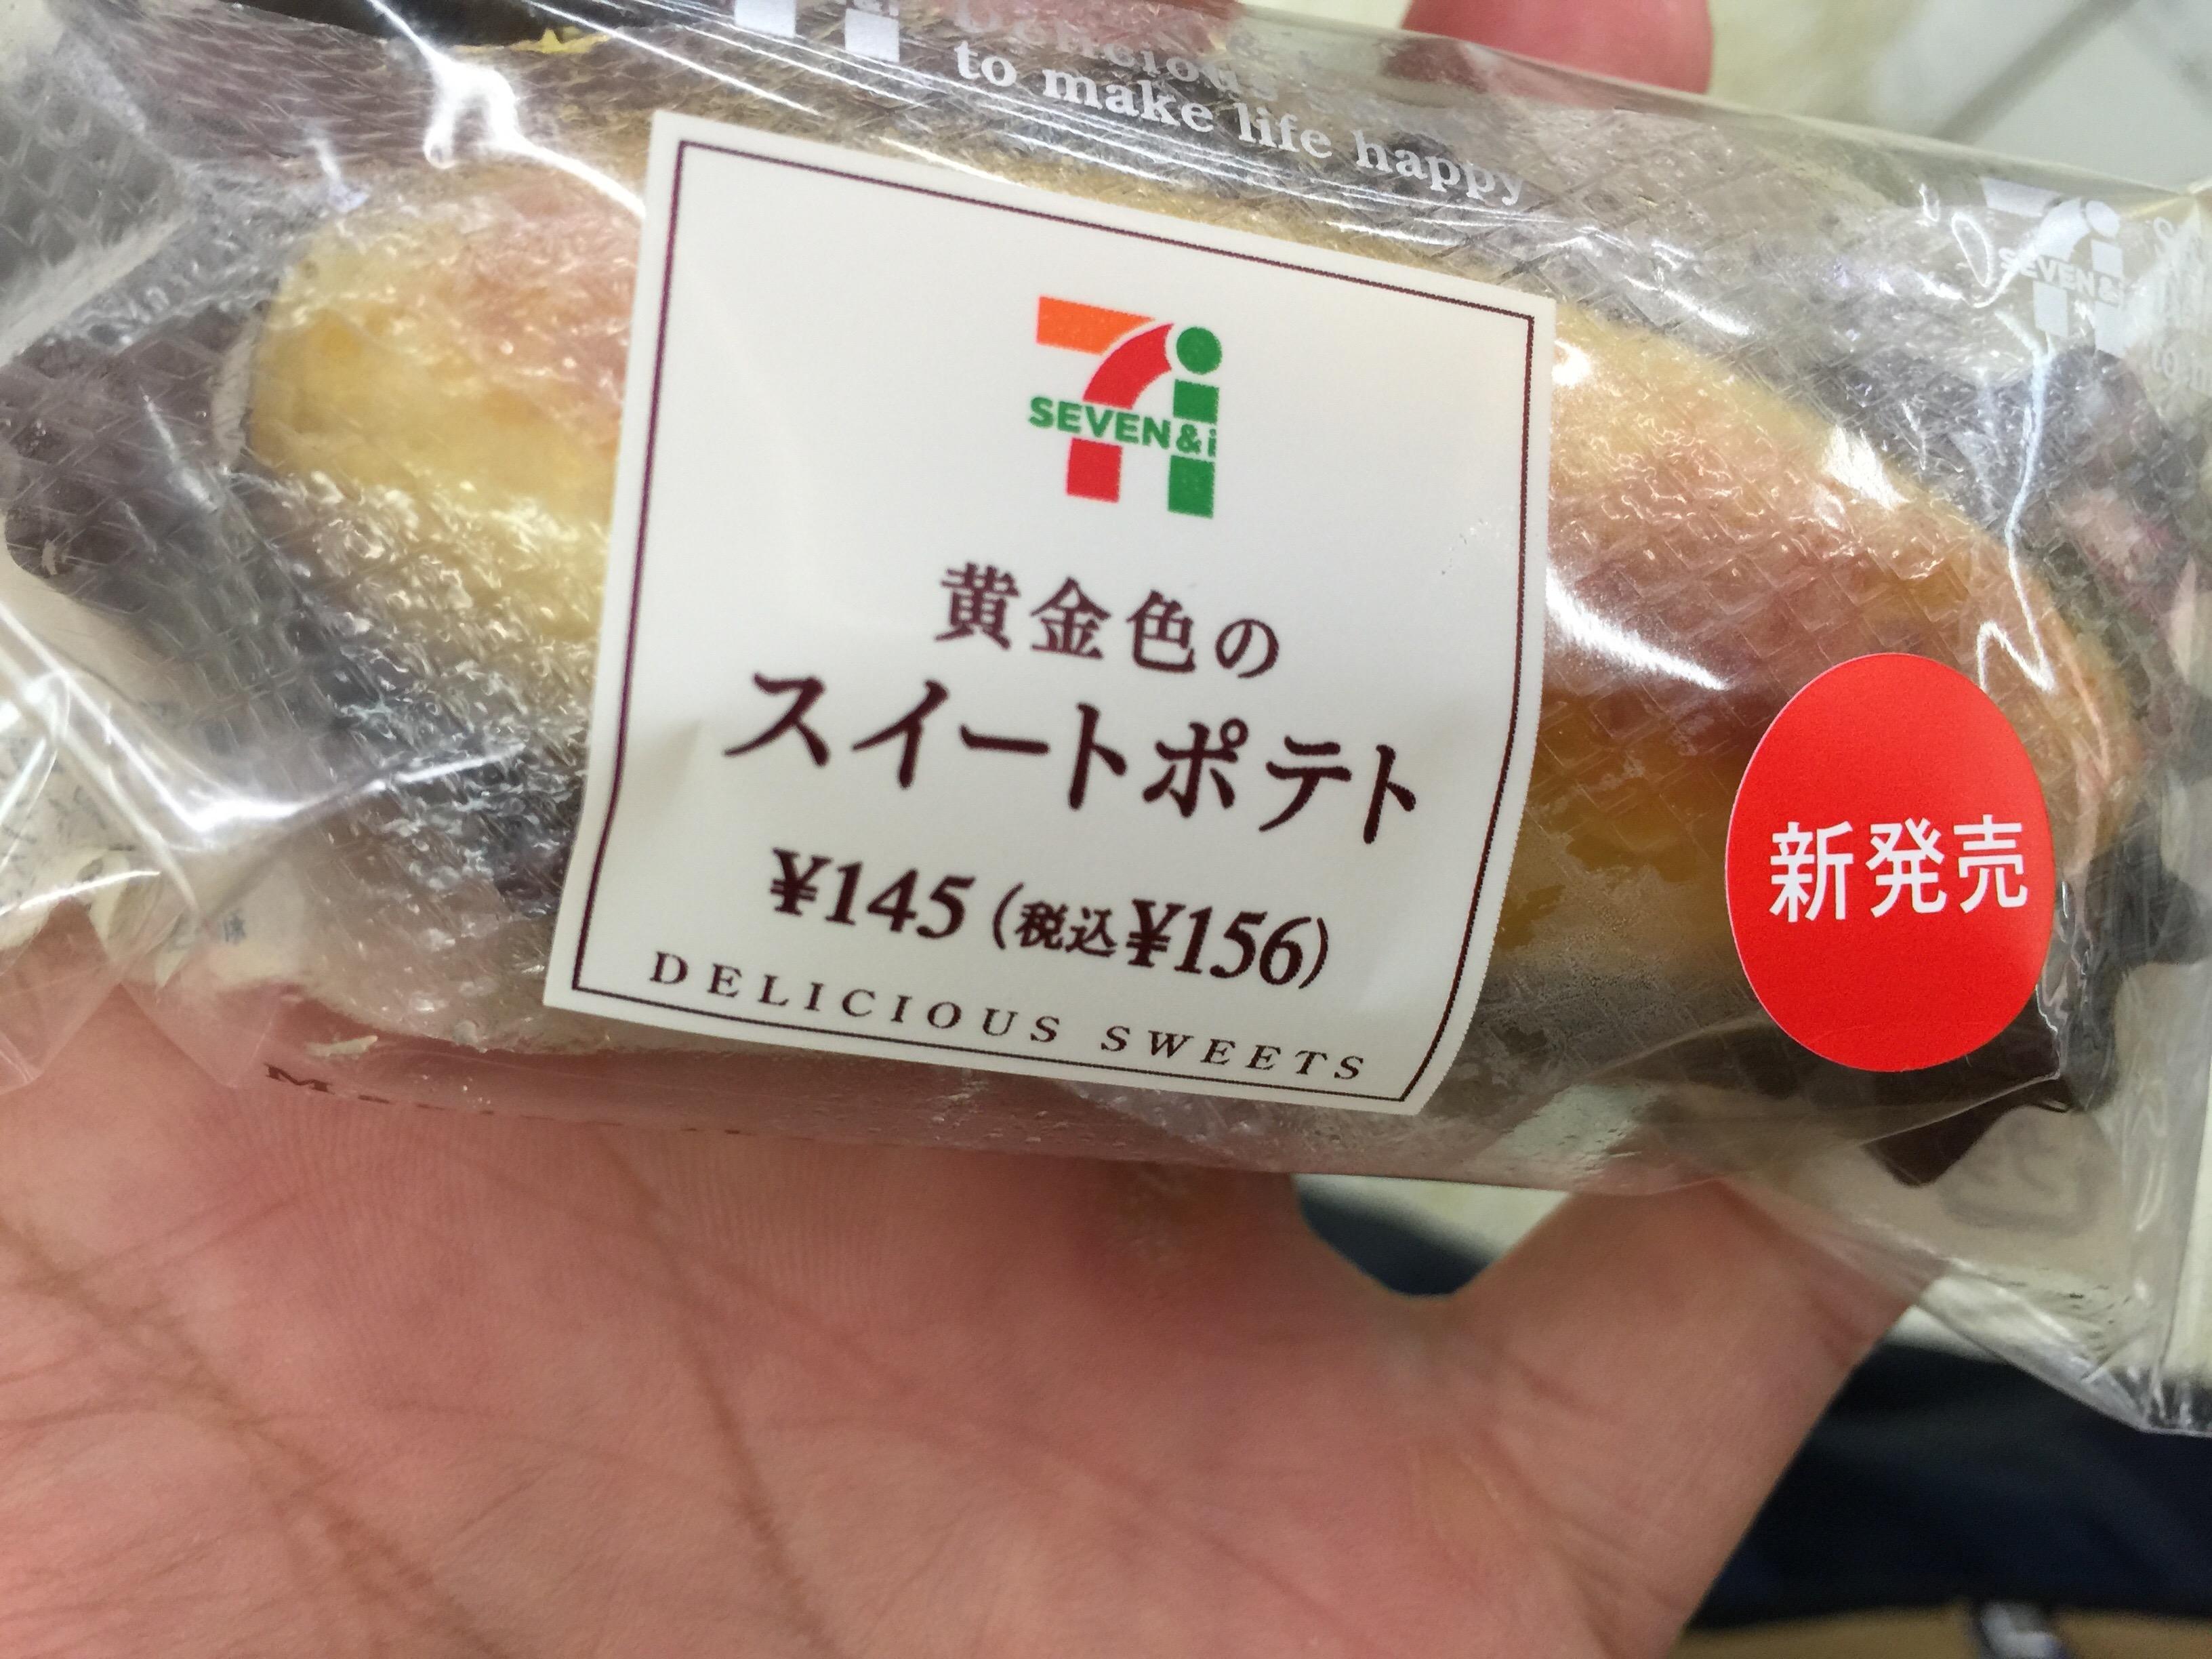 「黄金色のスイートポテト」は小さいけど旨い!価格・味・カロリーをレビュー【セブン-イレブン】